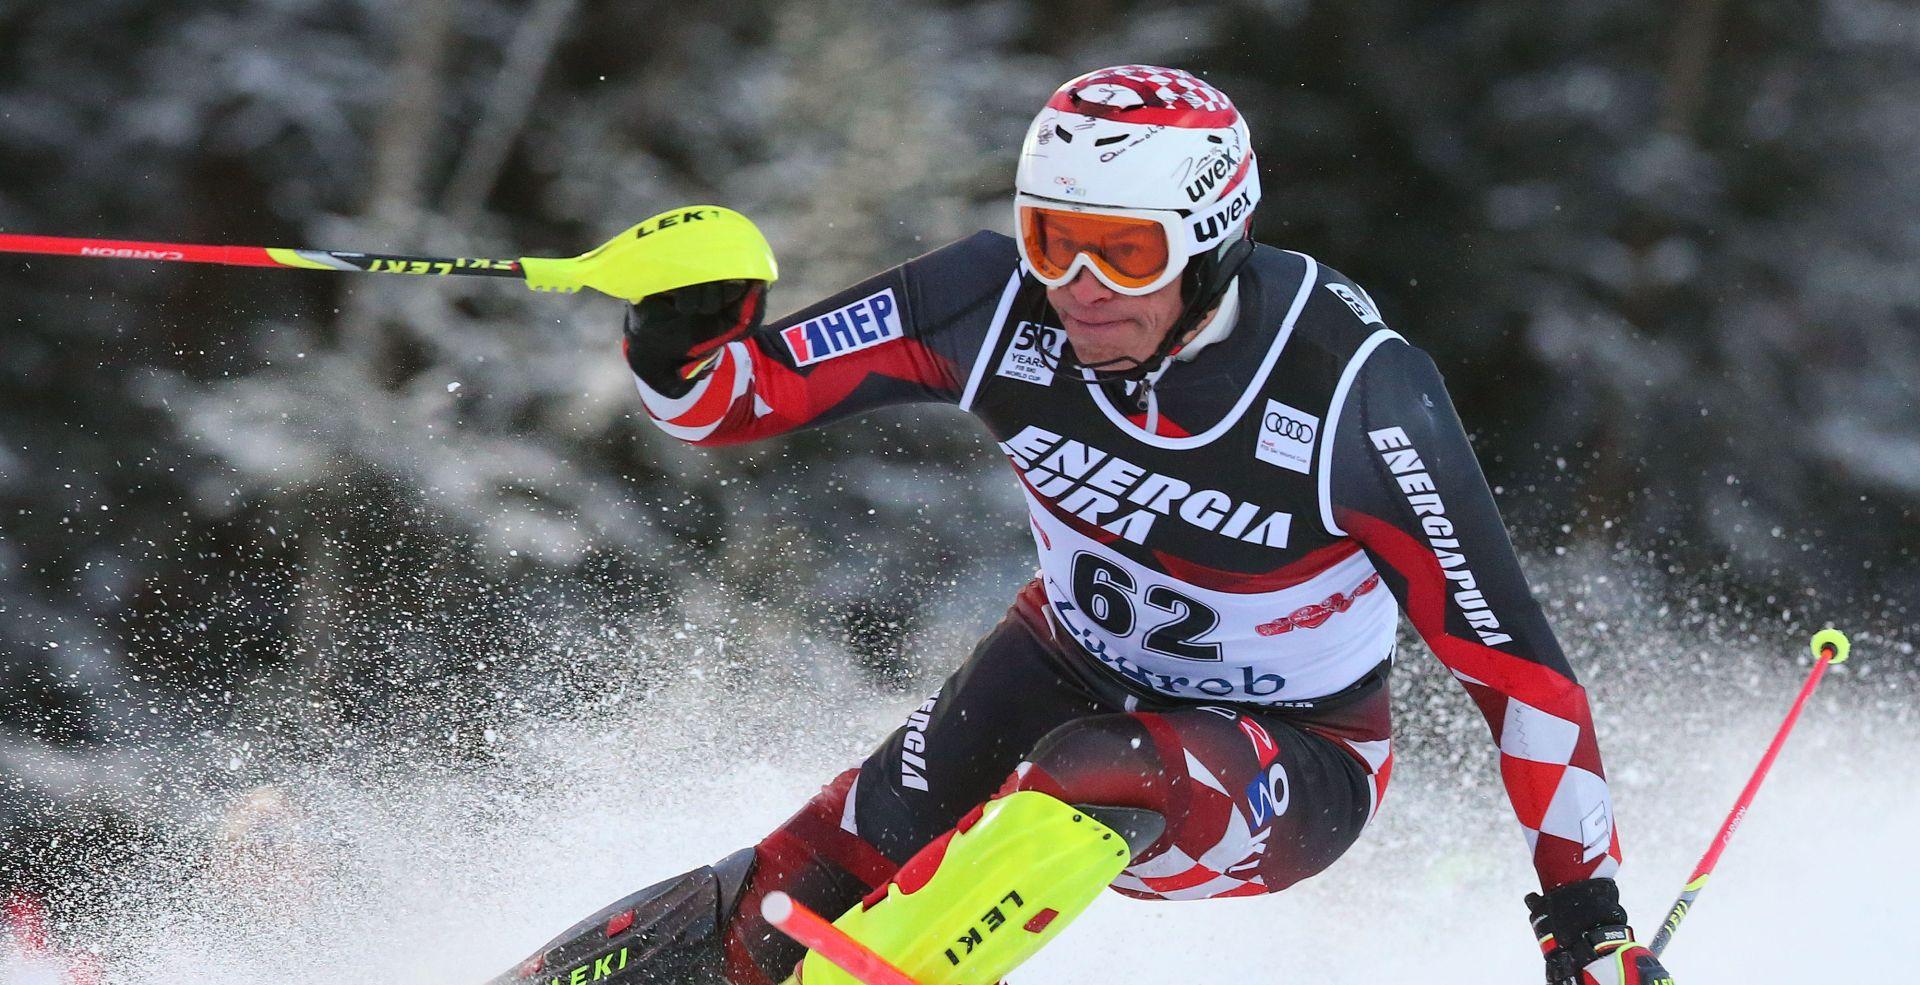 SKIJAŠKO SVJETSKO PRVENSTVO Kostelić prošao kvalifikacije za slalom